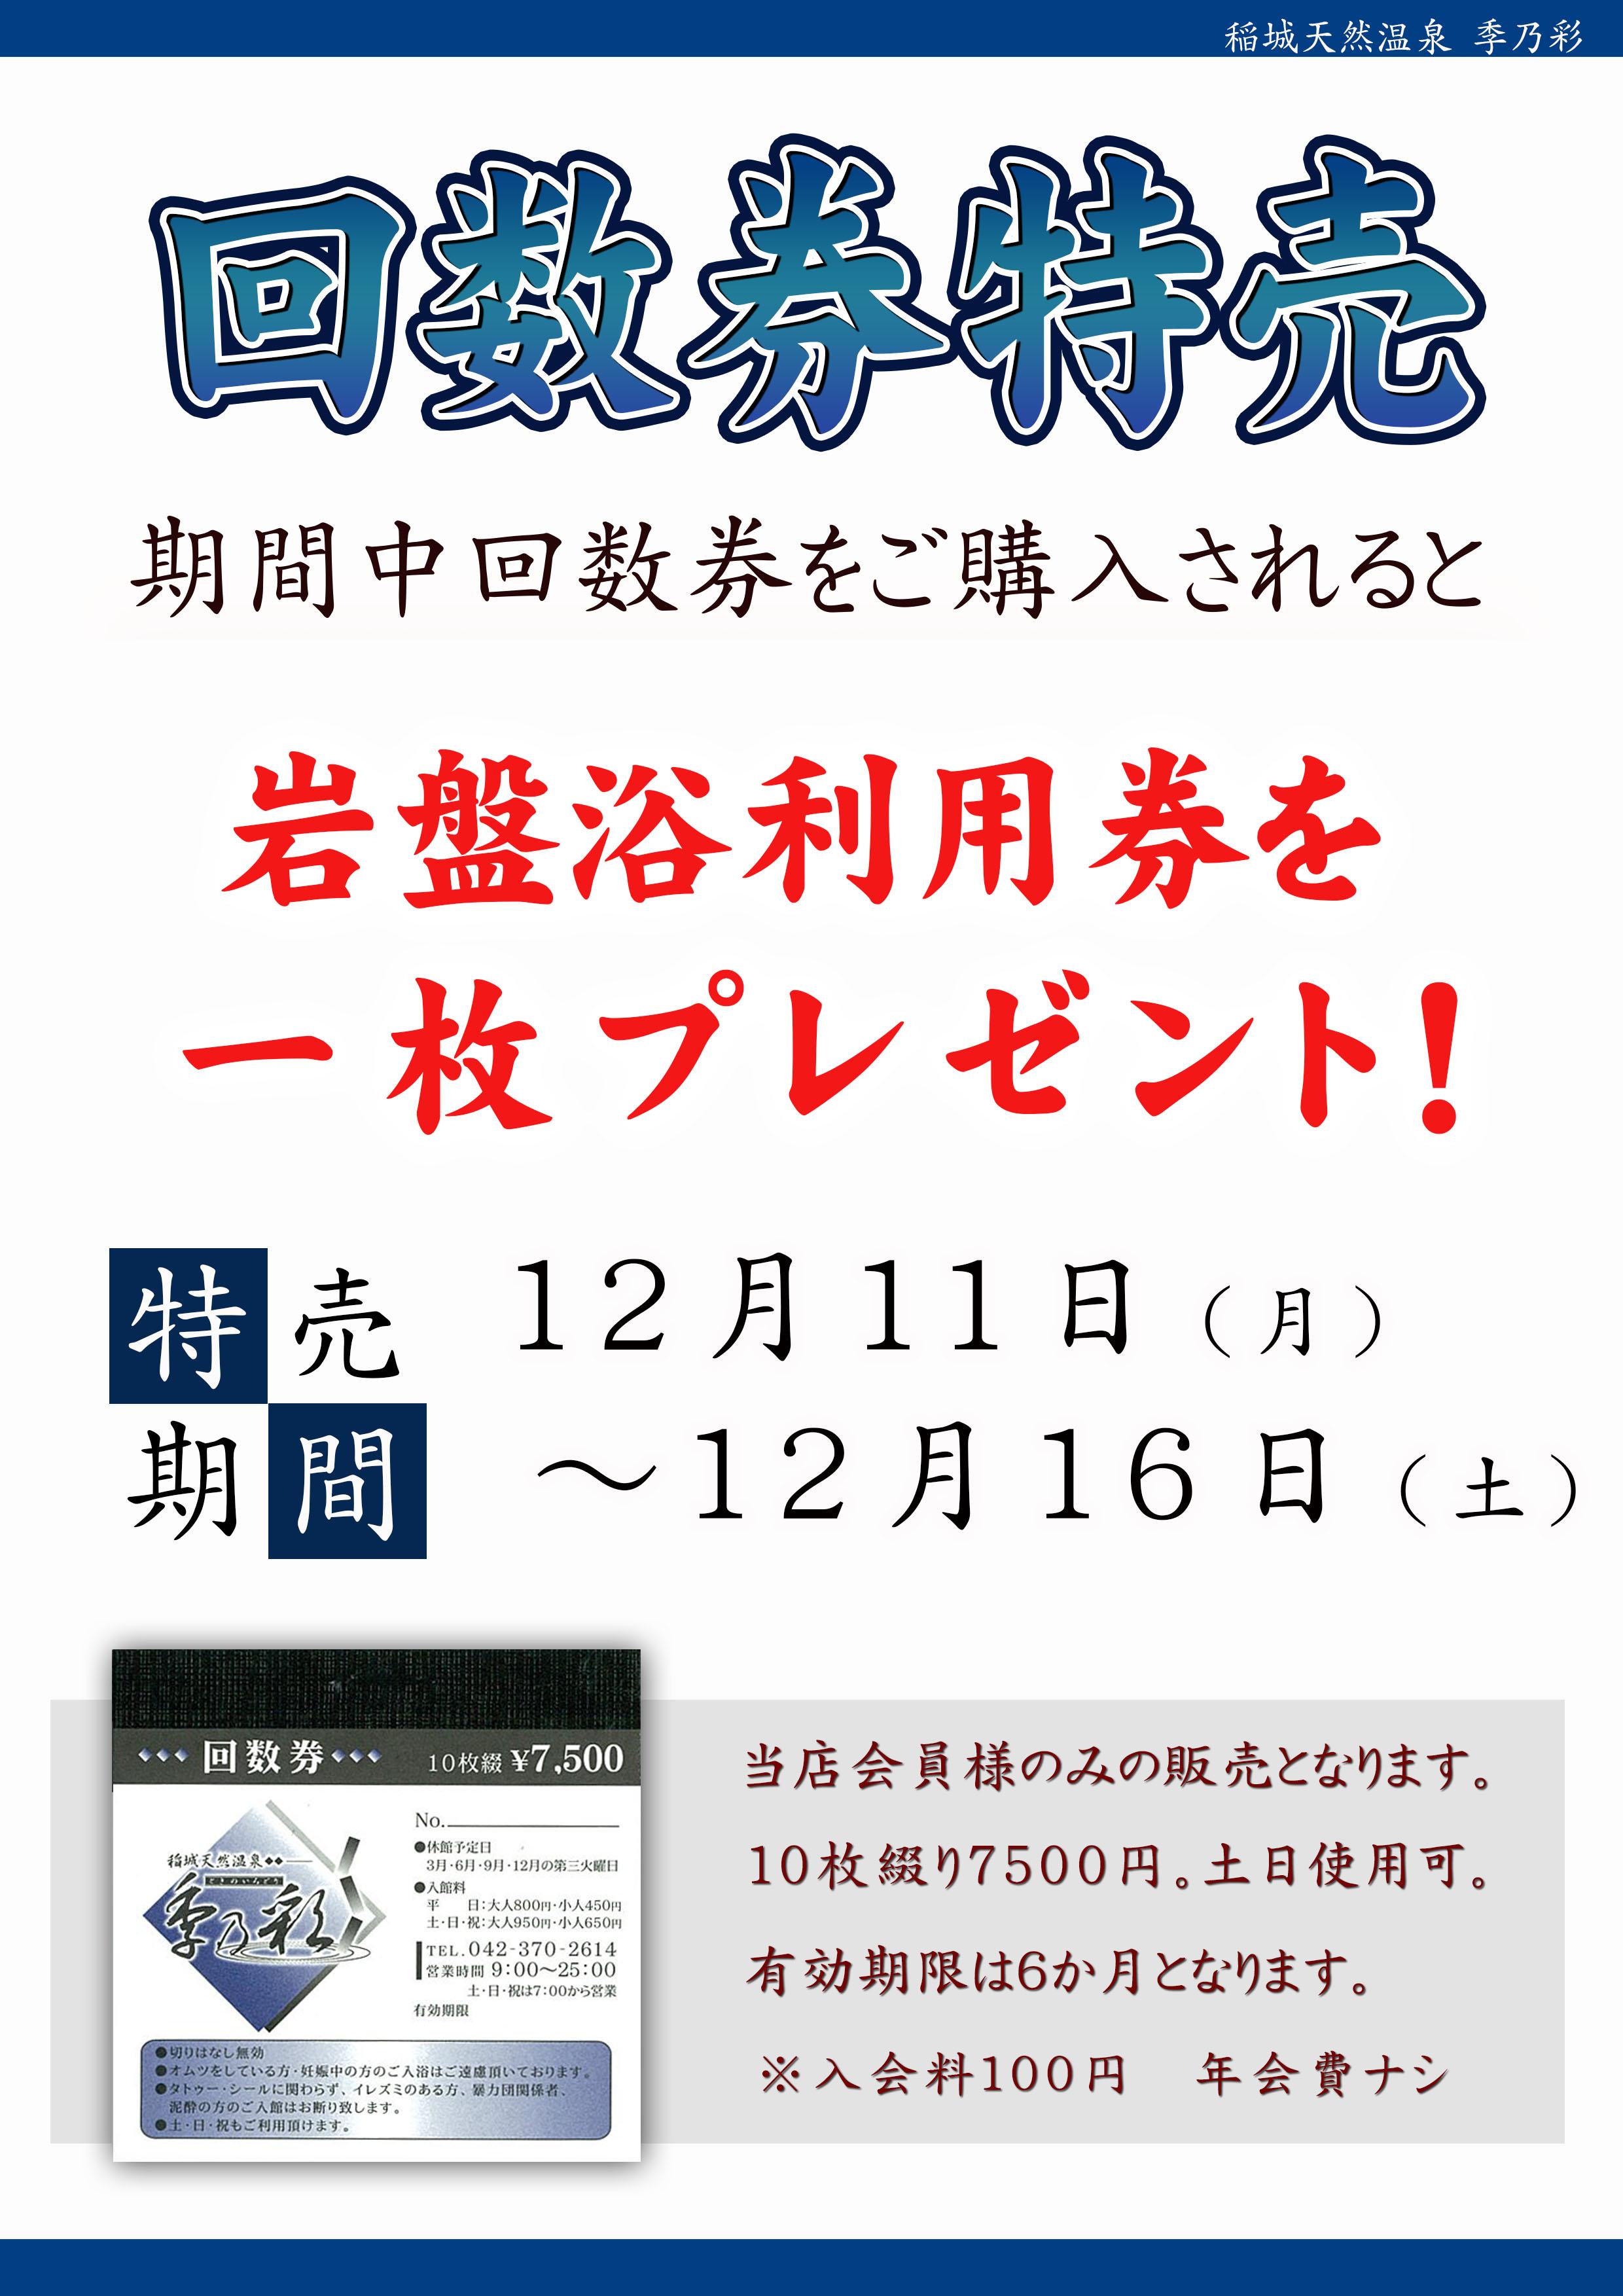 20171211POP イベント 回数券特売 岩盤浴券付与【入会無料】冬3